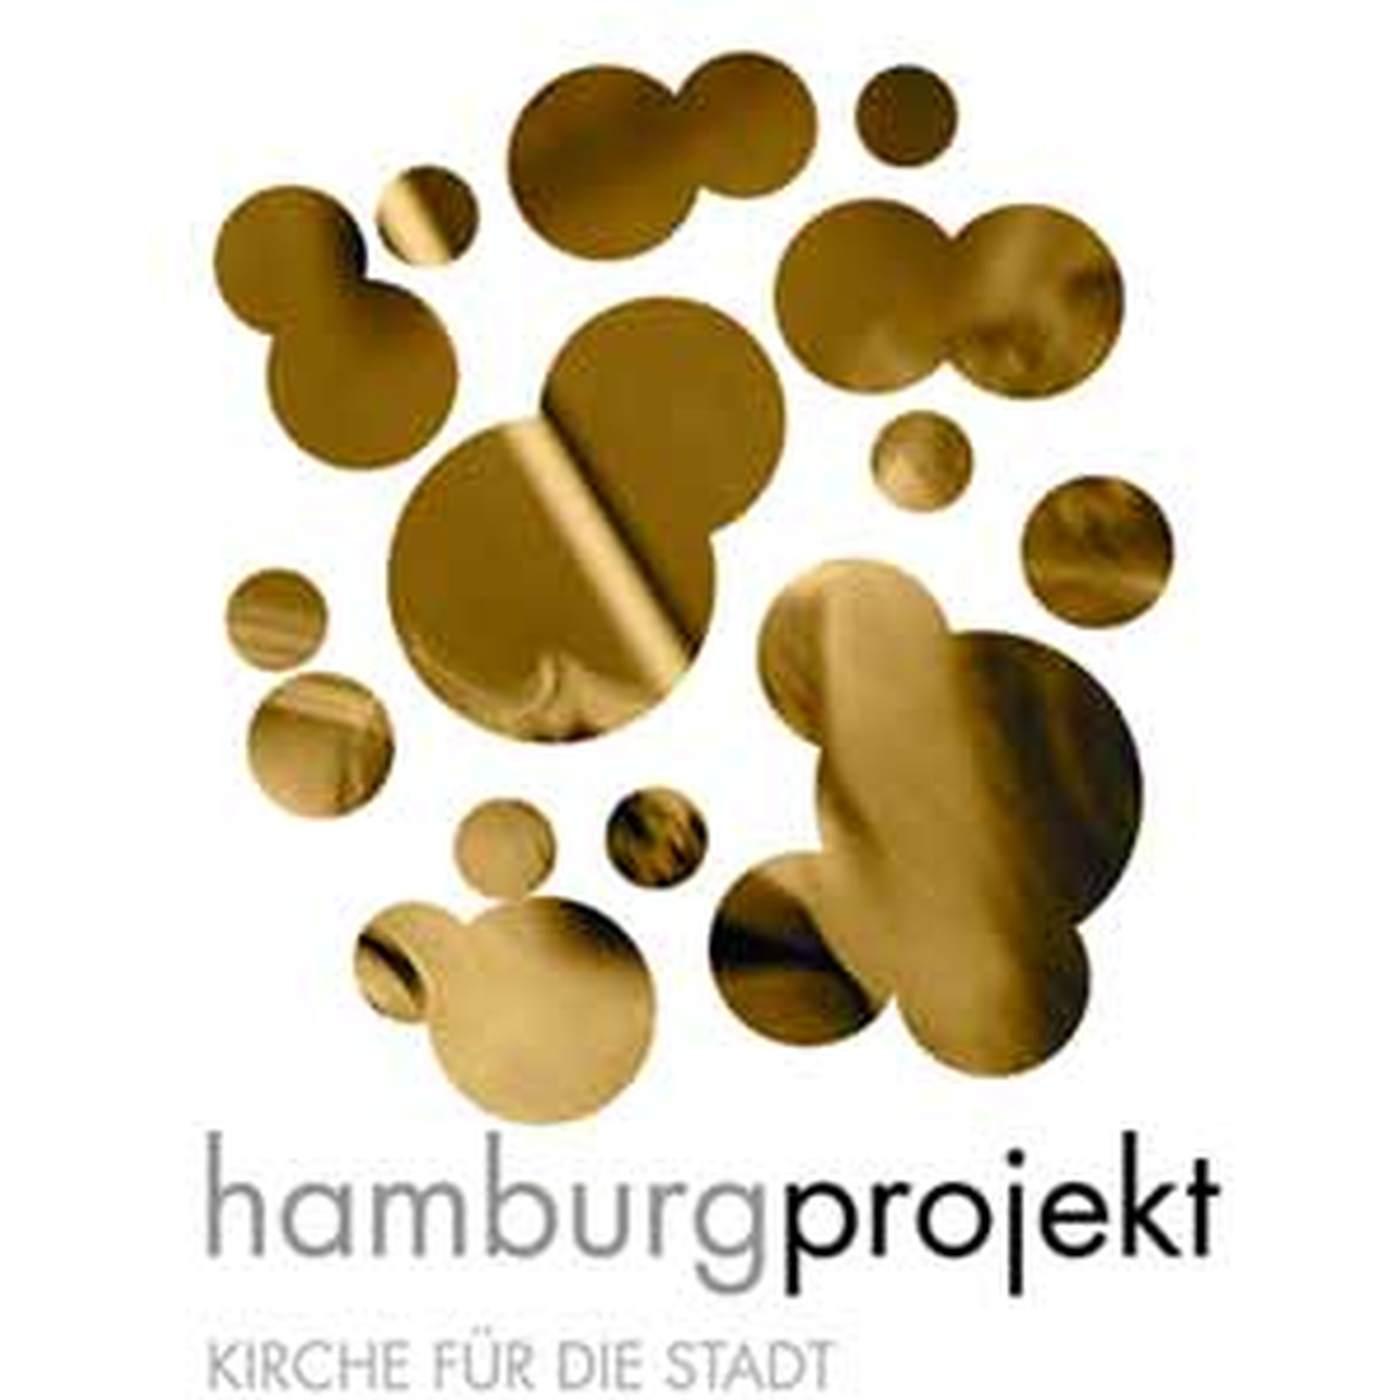 hamburgprojekt: Kirche für die Stadt